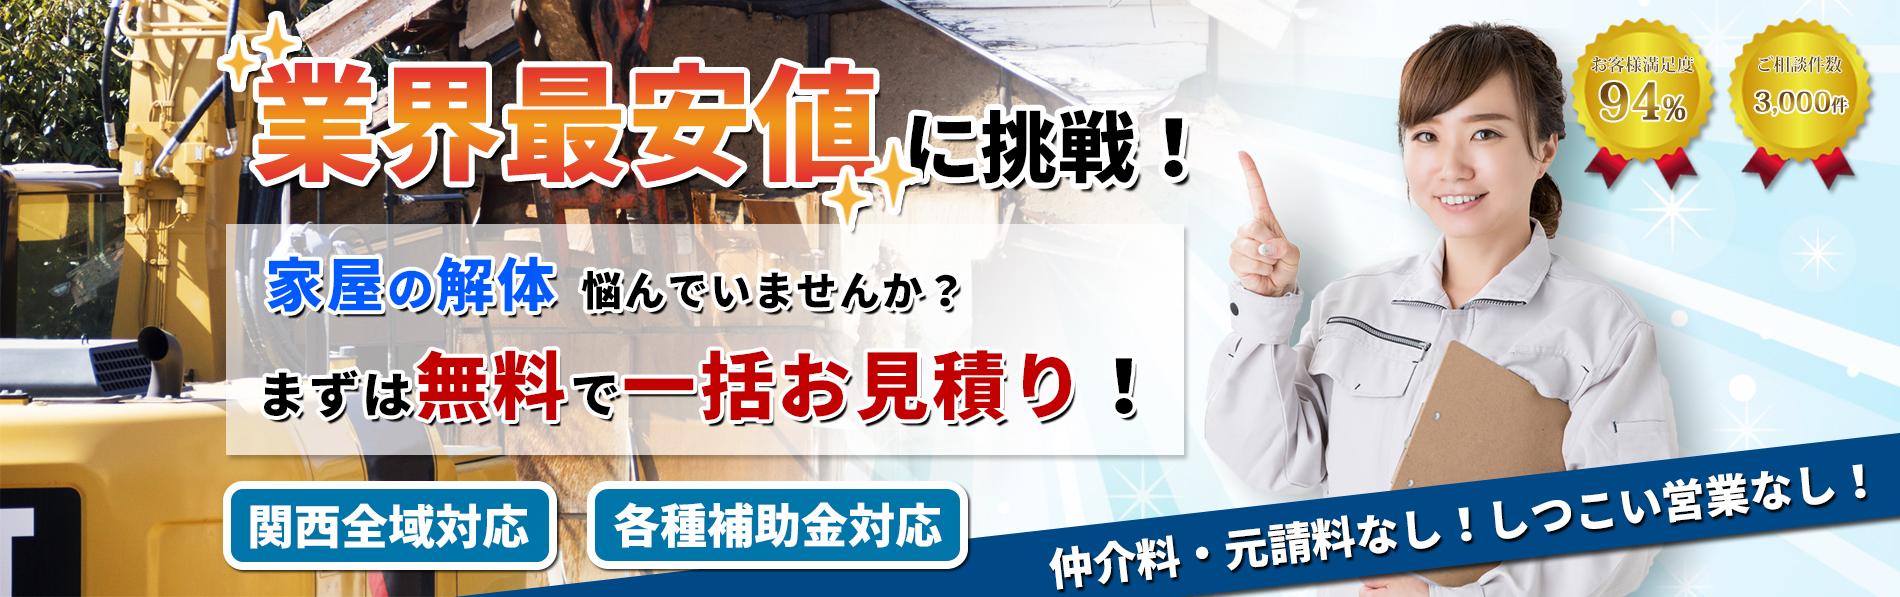 大阪・堺の業界最安値に挑戦!家屋の解体 悩んでいませんか?